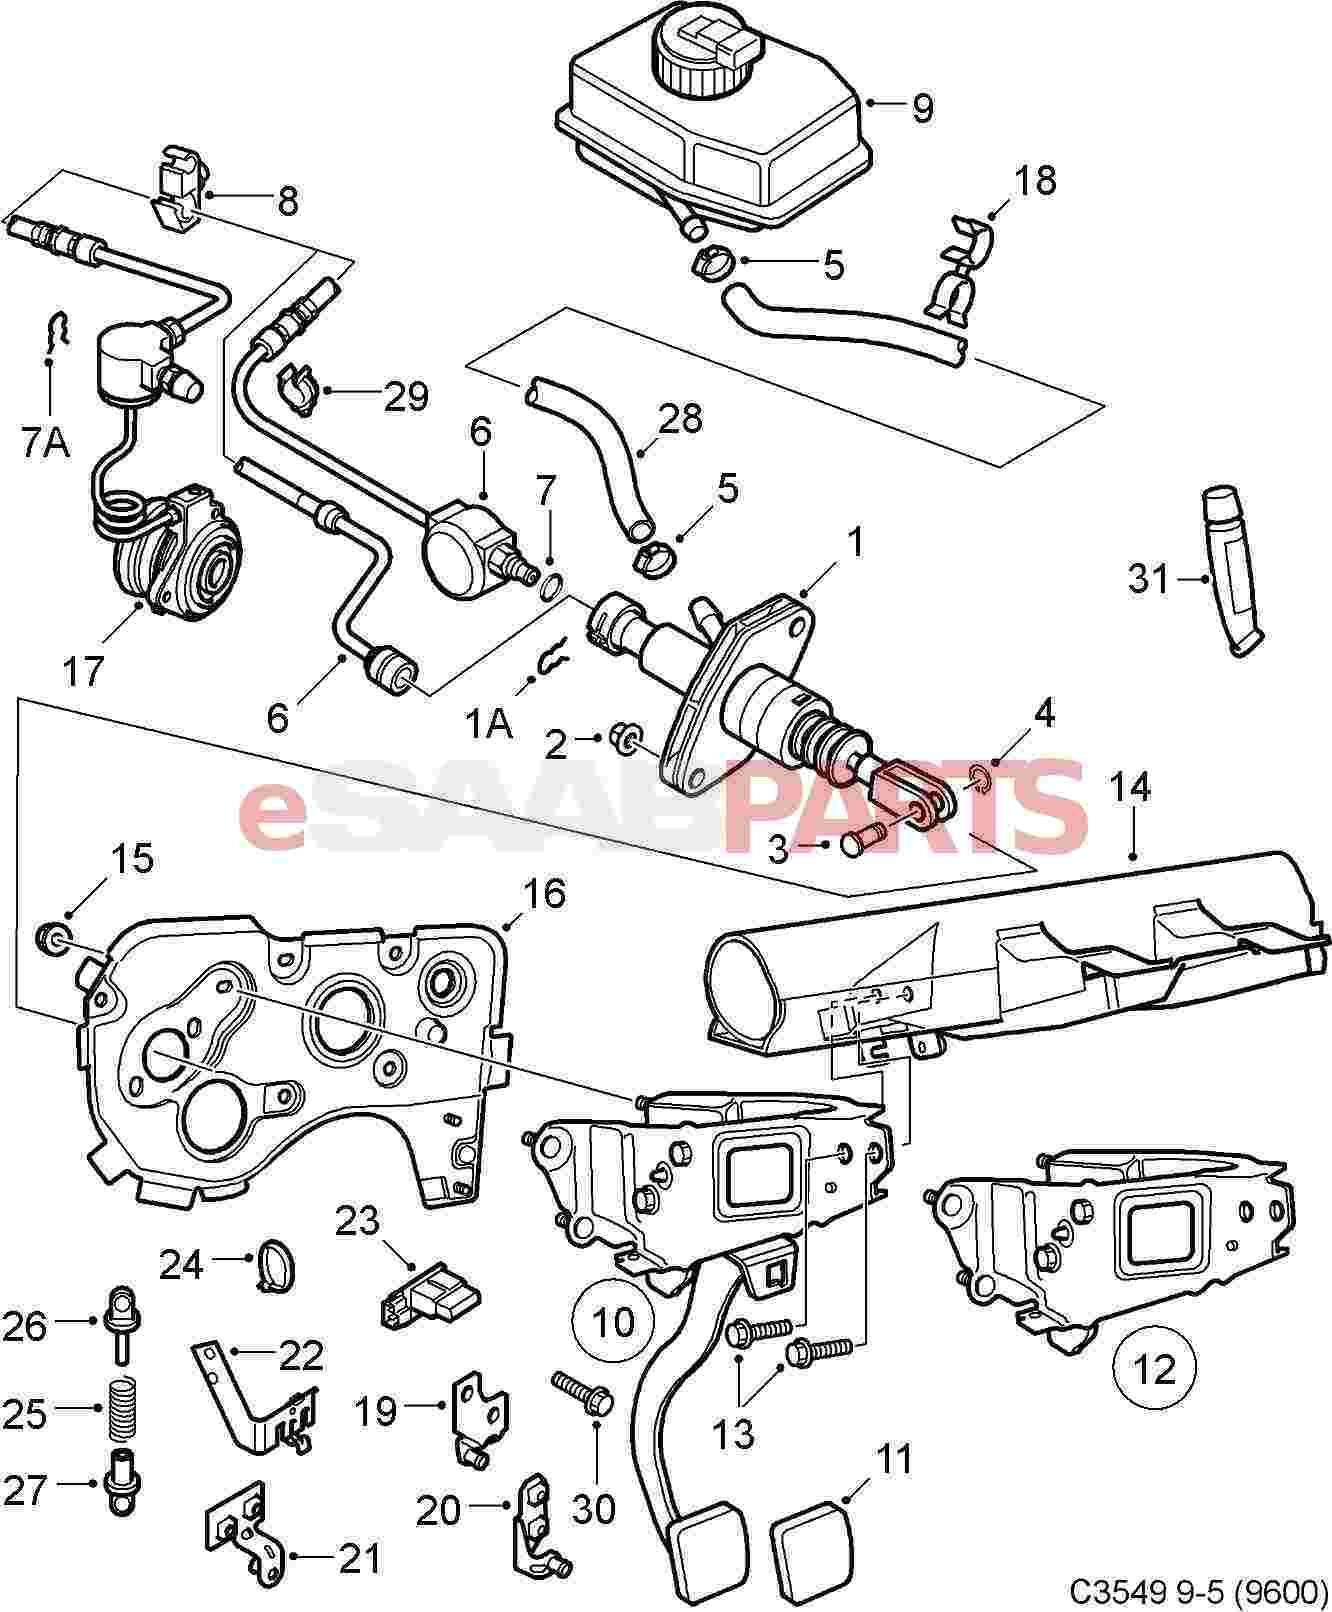 2003 saab 9 3 convertible parts top diagram